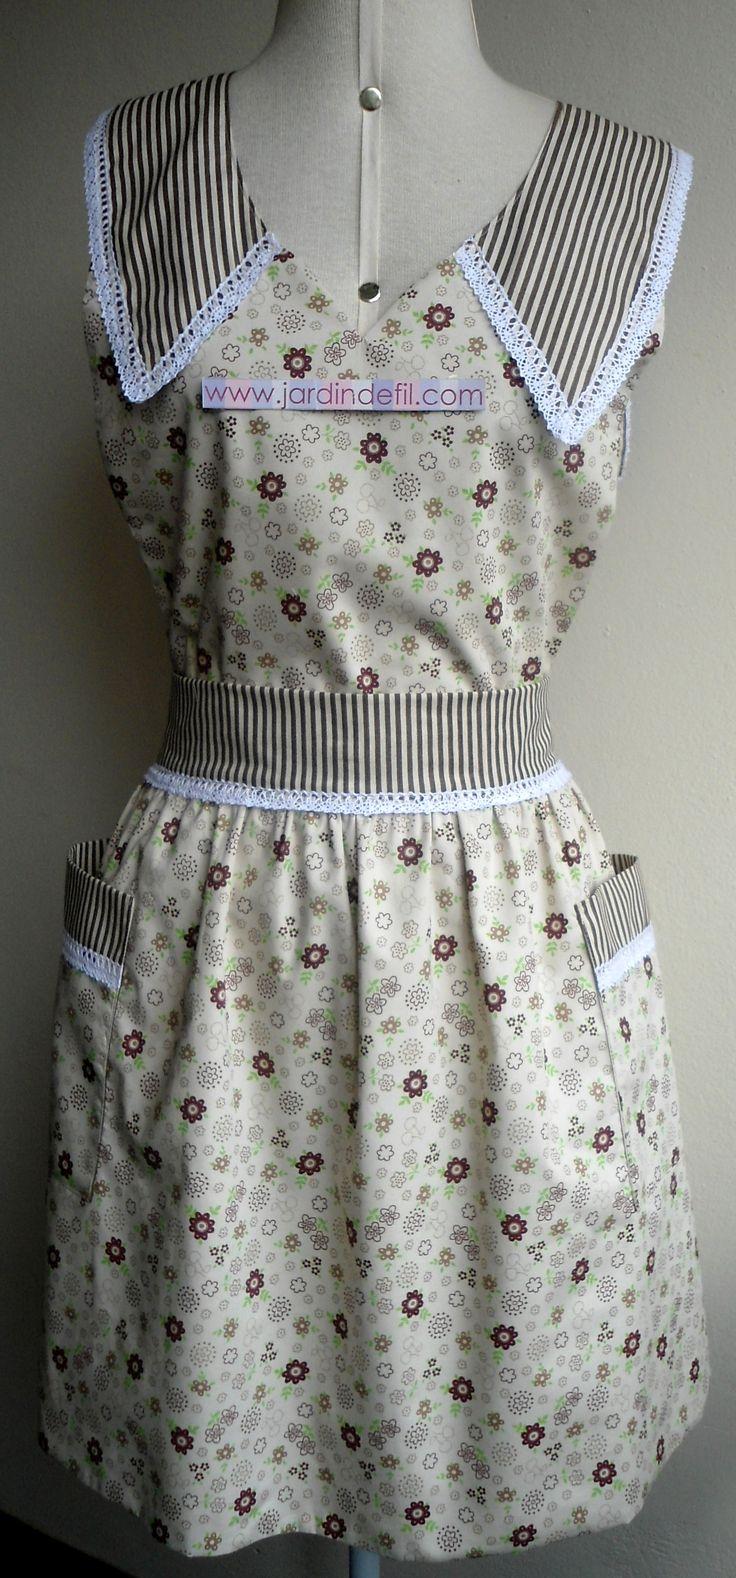 Avental Vintage, forrado em tecido 100% Algodão.